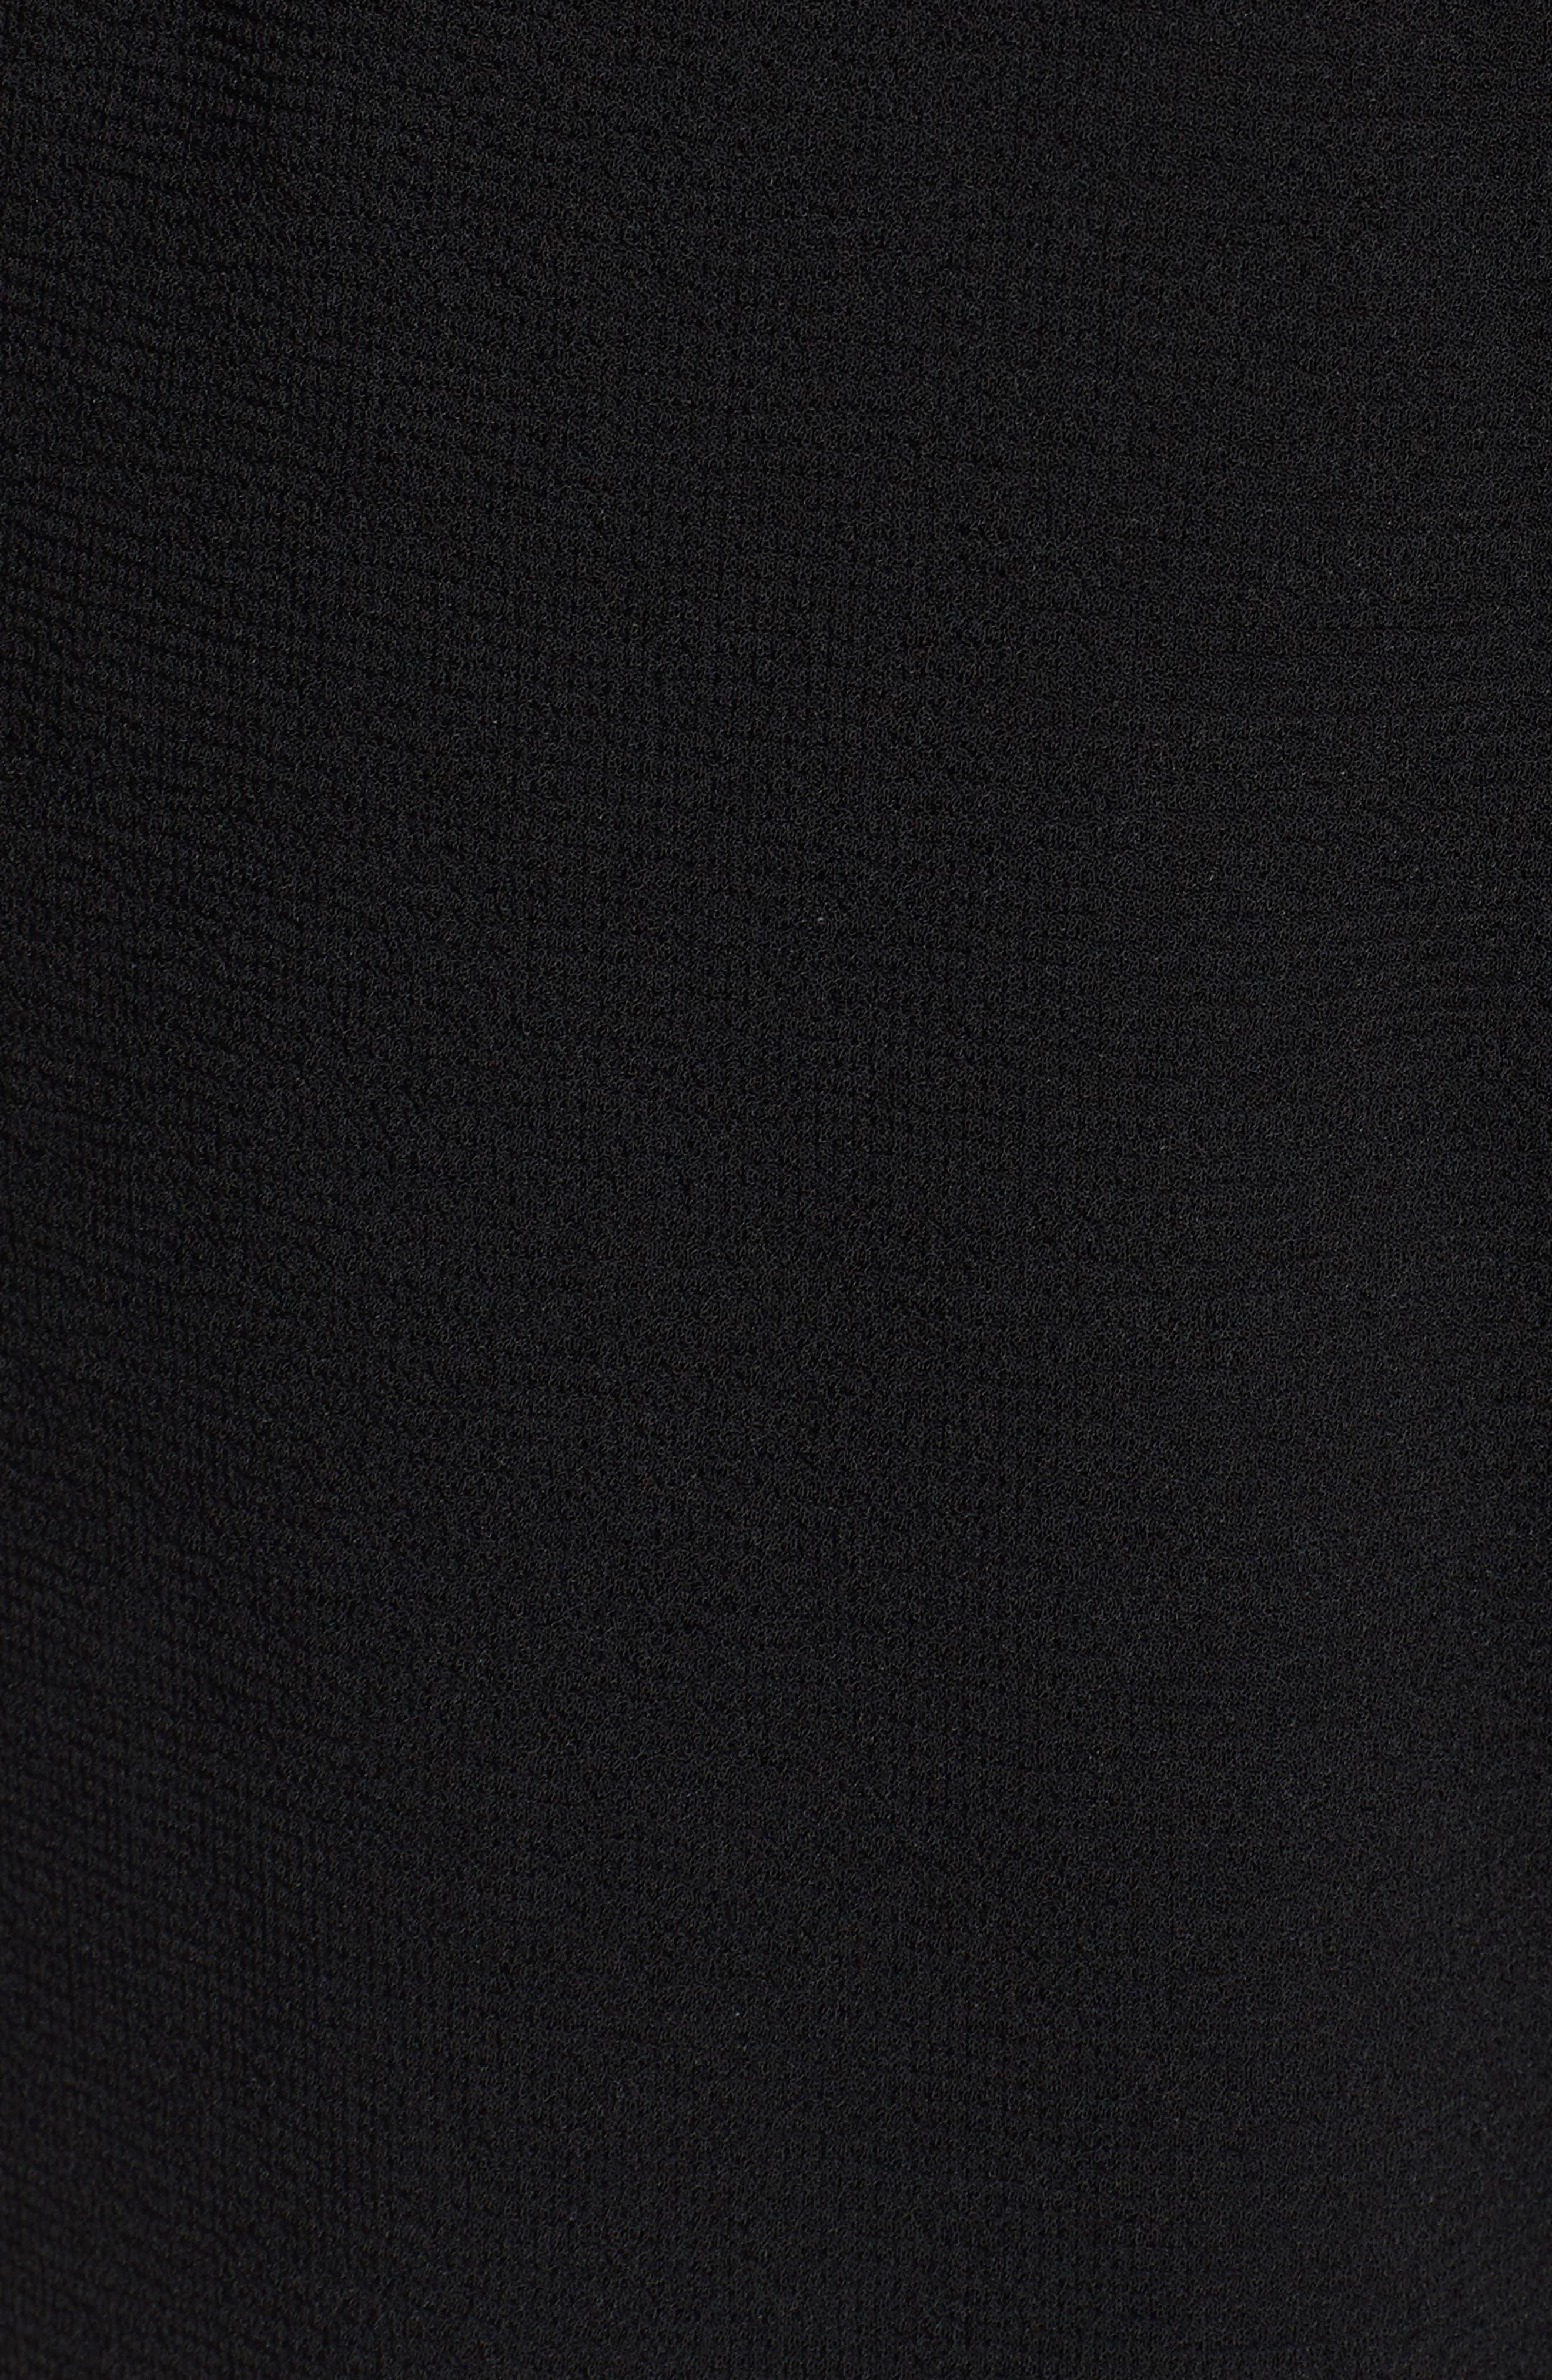 Trouvé Tie Front Wide Leg Pants,                             Alternate thumbnail 6, color,                             Black